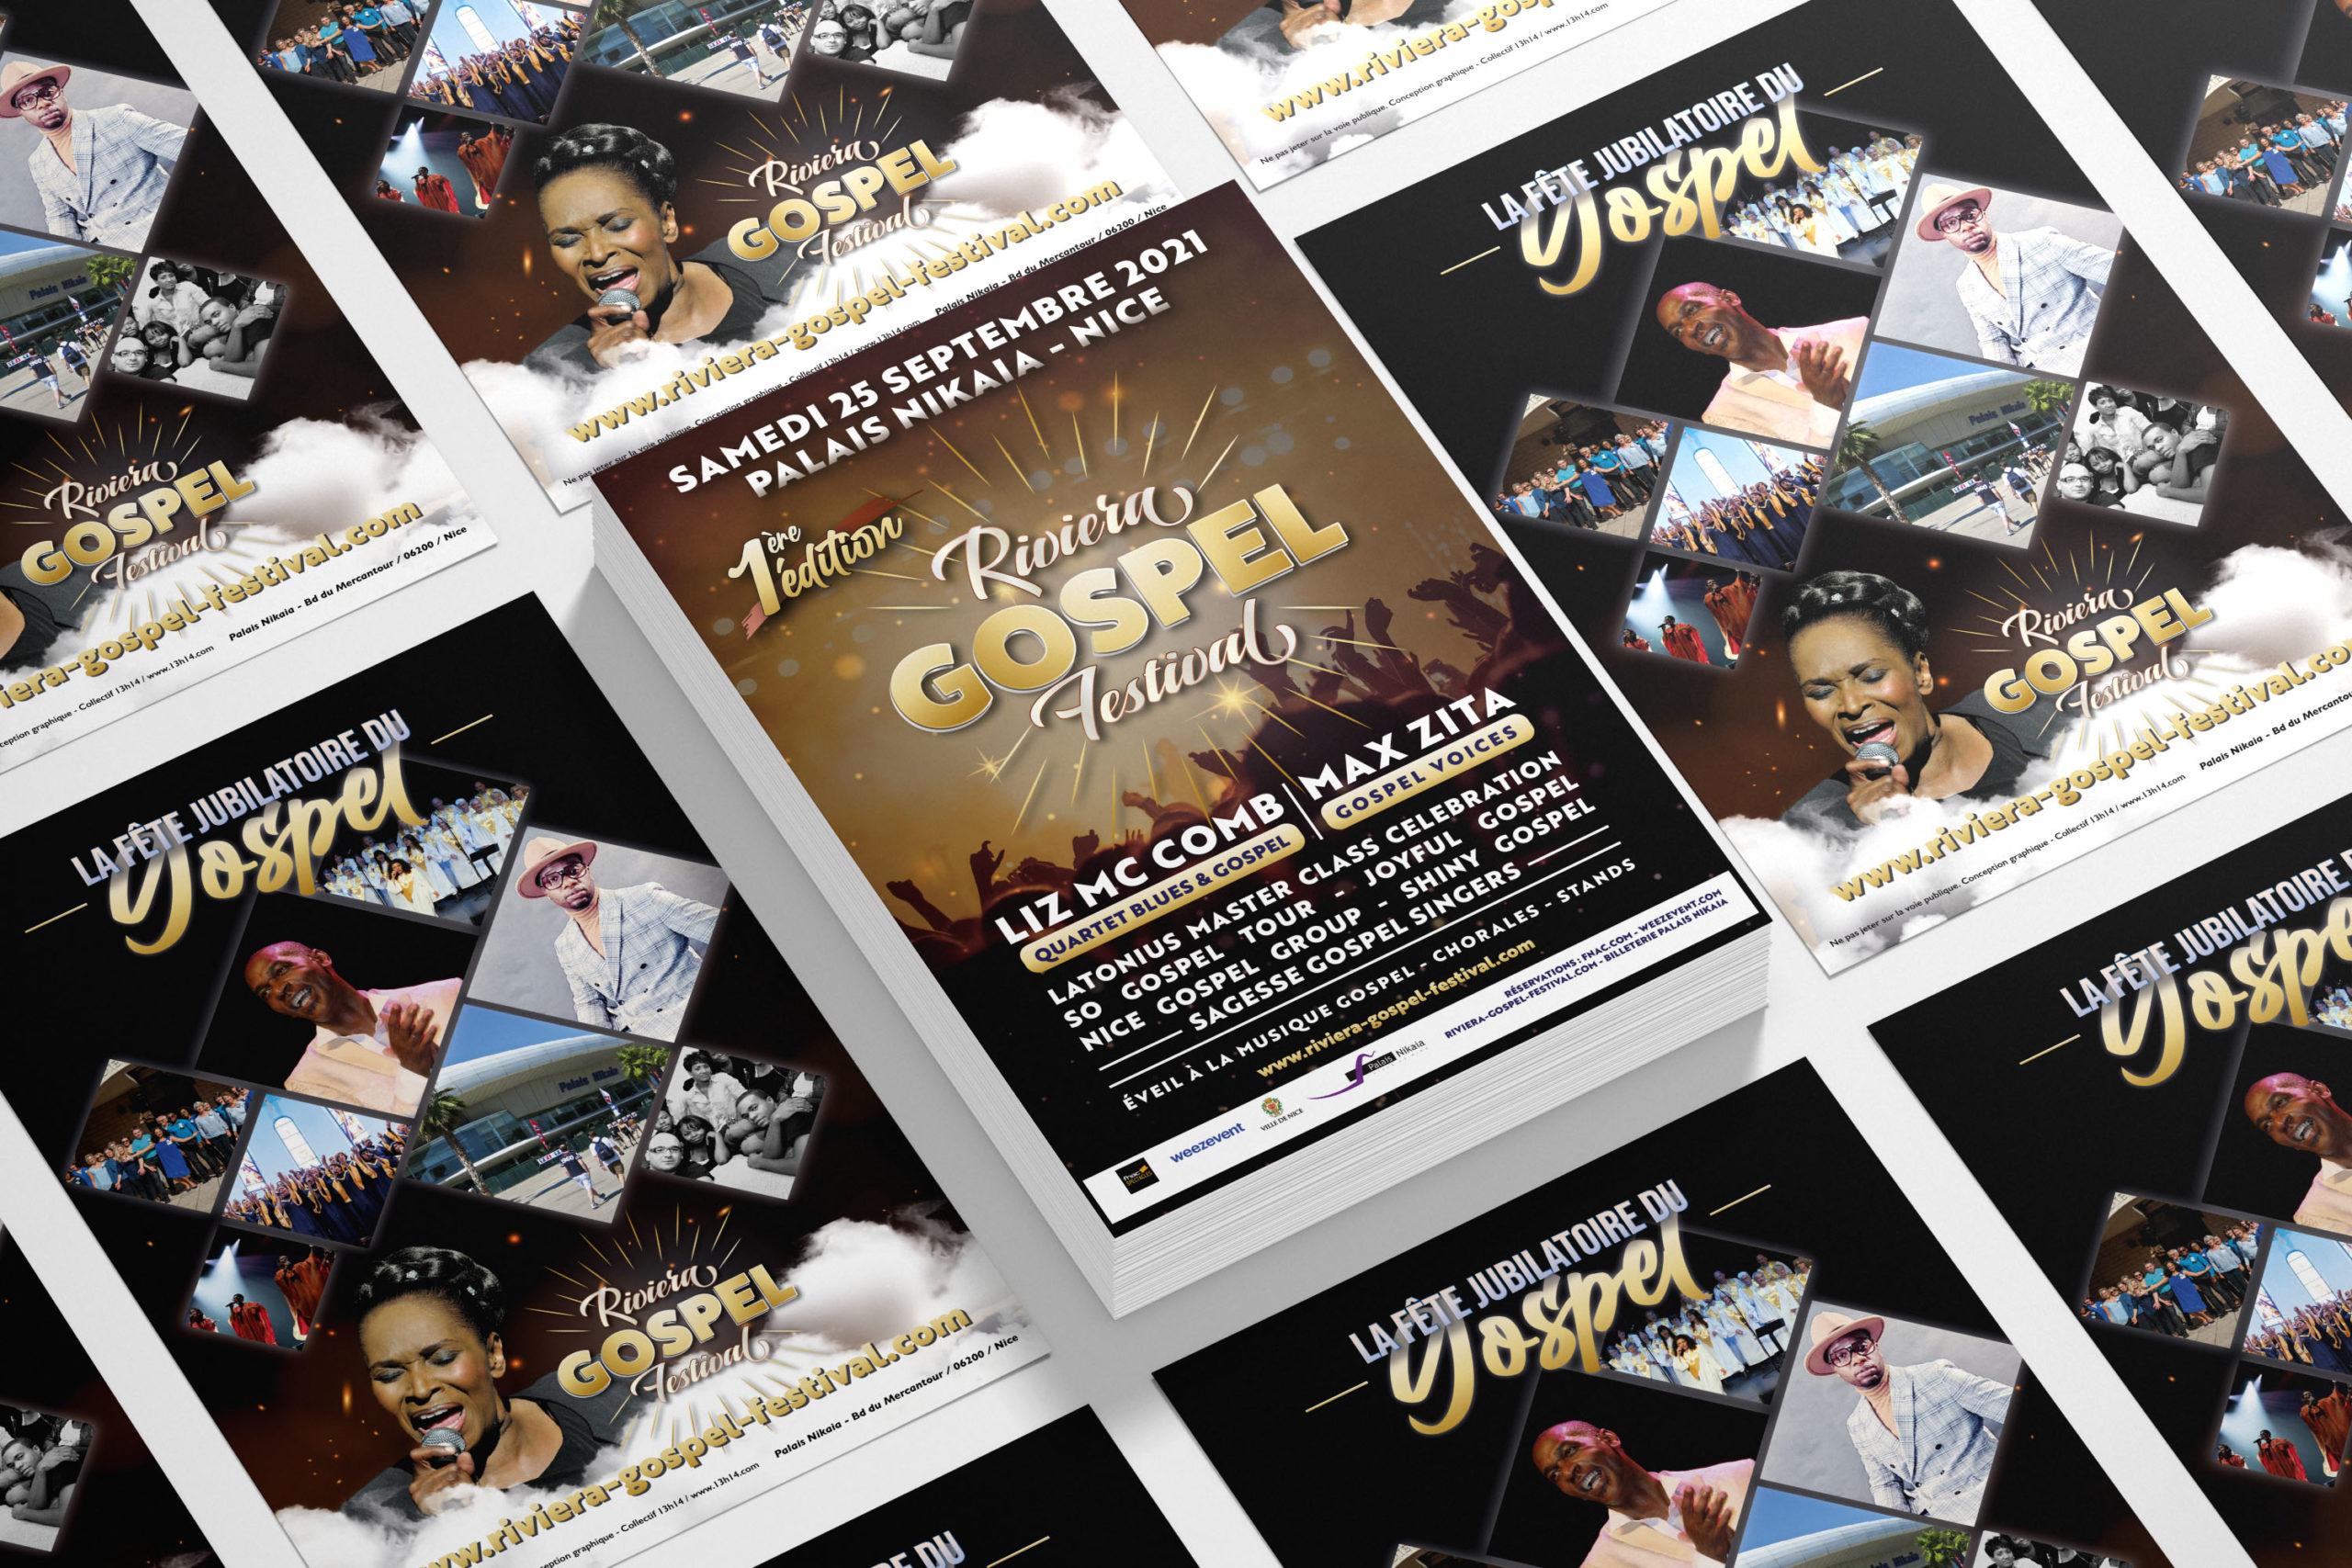 flyer riviera gospel festival